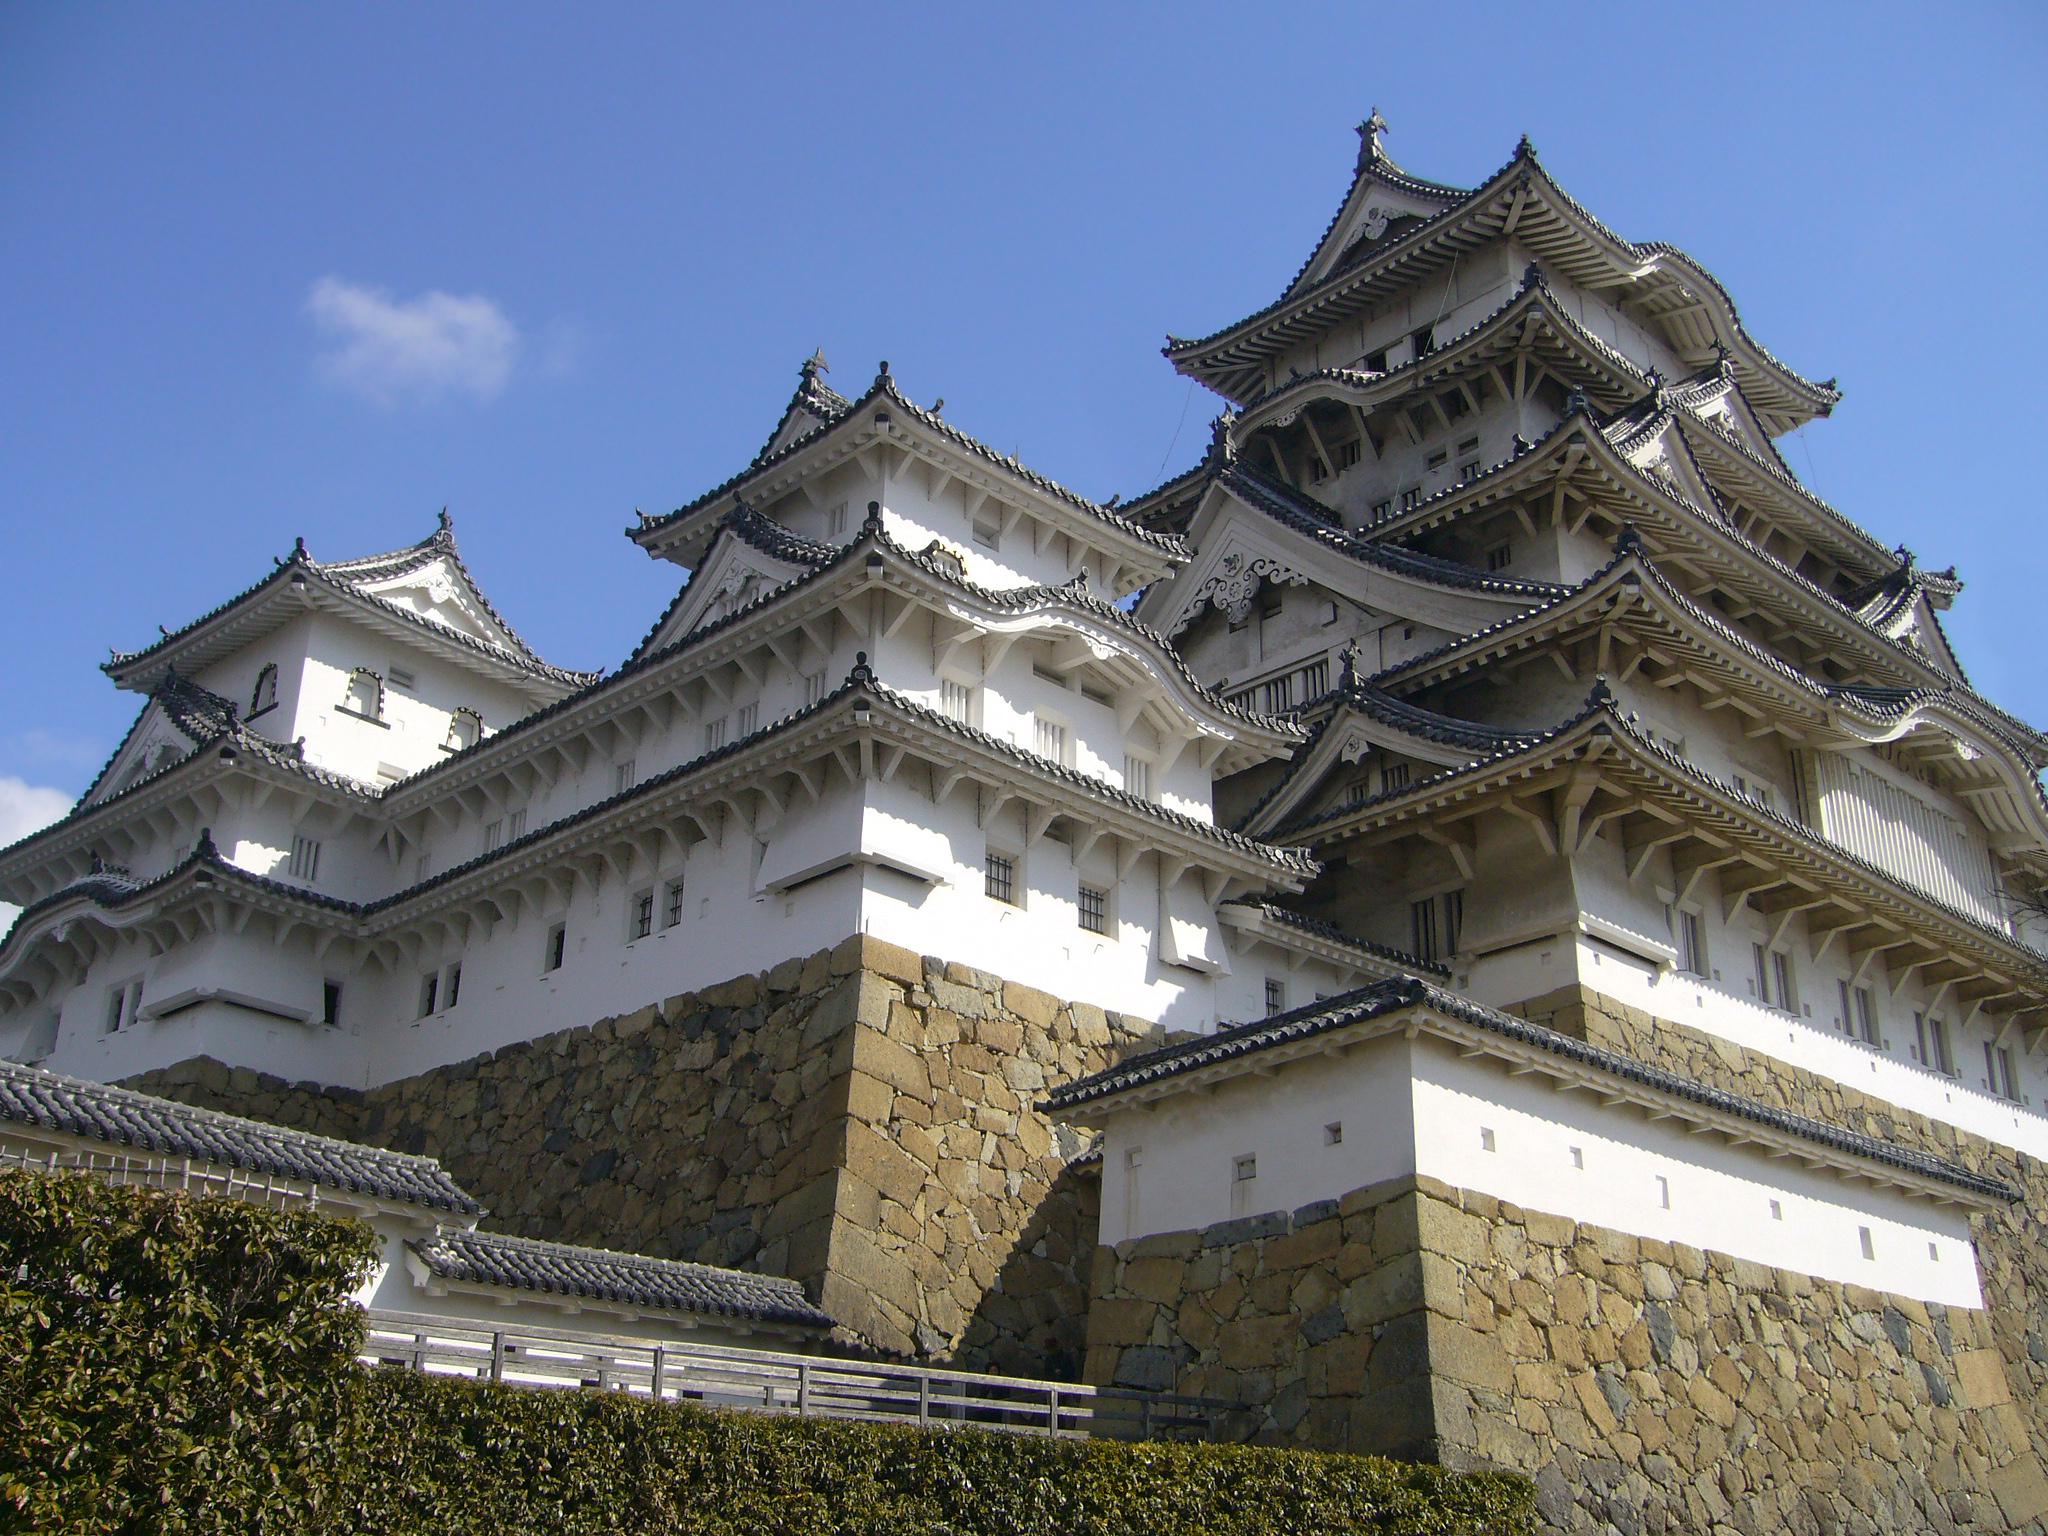 Burg Himeji eine Japanische Burg erbaut auf einem Trockenmauerwerk mit einem Fachwerkaufbau